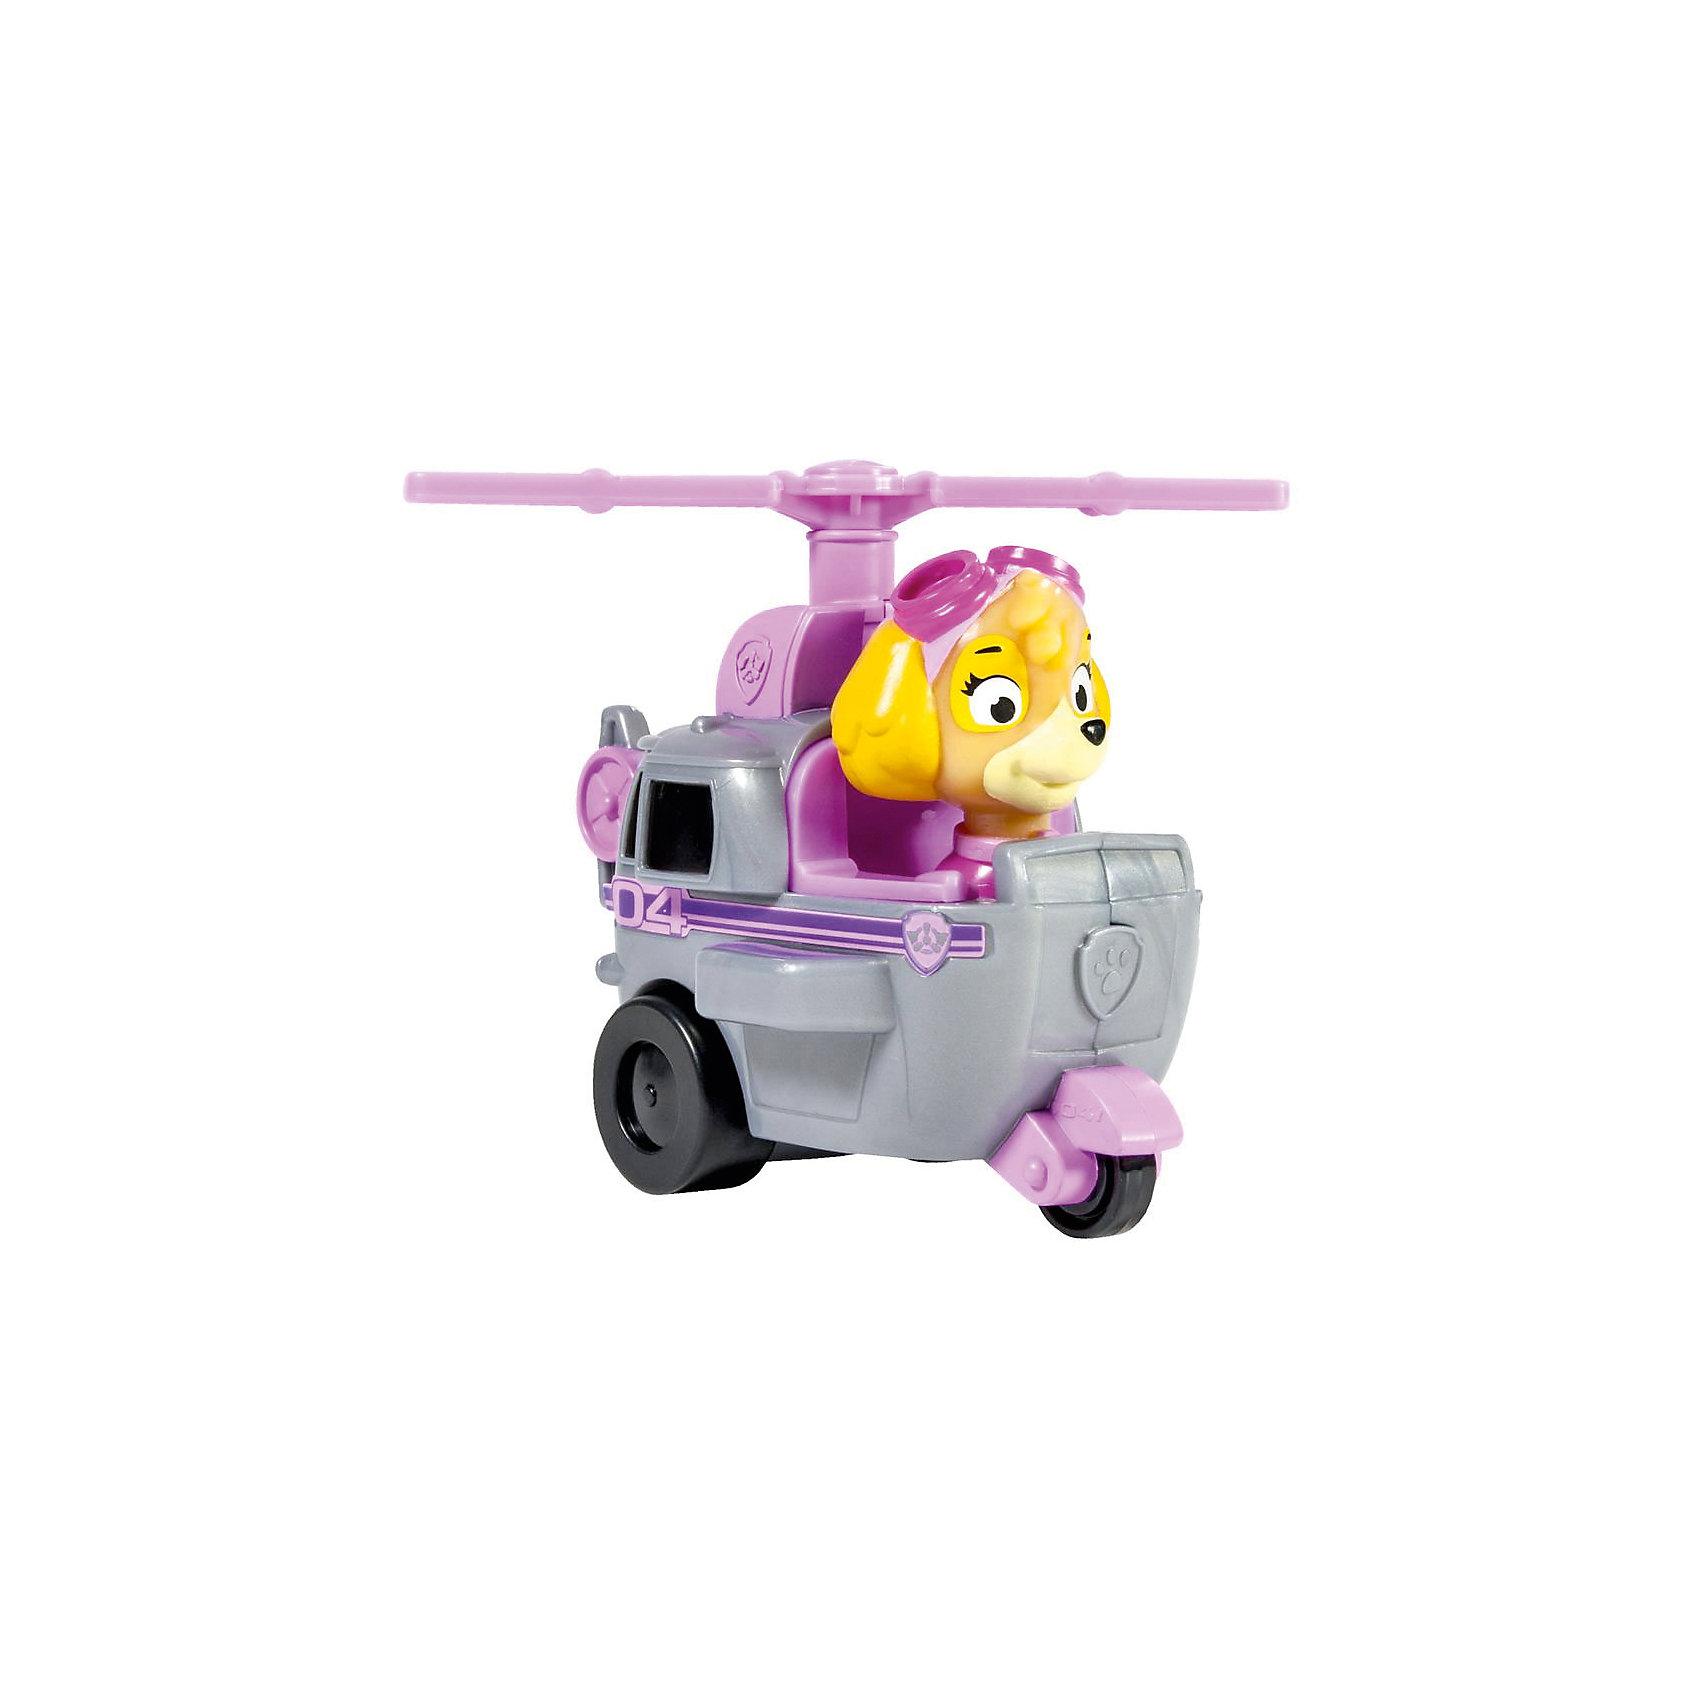 Маленькая машинка спасателя Скай, Щенячий патруль, Spin MasterОчаровательная Скай на своем скоростном вертолете прилетит на помощь в любое место! Яркая игрушка в точности повторяет внешний облик персонажа из мультика, машина и щенок прекрасно детализированы, выполнены из высококачественных материалов. Инерционные машинки Paw Patrol достаточно отвезти назад, отпустить и они помчатся вперед, навстречу приключениям. Собери всех героев из серии Paw Patrol (Щенячий патруль), проигрывай сцены из мультфильма или придумывай свои новые истории. <br><br>Дополнительная информация:<br><br>- Длина машинки: 9 см.<br>- Фигурка героя несъемная.<br>- Материал: пластик.<br><br>Маленькую машинку спасателя Скай, Щенячий патруль, Spin Master(Спин Мастер) можно купить в нашем магазине.<br><br>Ширина мм: 100<br>Глубина мм: 45<br>Высота мм: 90<br>Вес г: 1146<br>Возраст от месяцев: 36<br>Возраст до месяцев: 72<br>Пол: Мужской<br>Возраст: Детский<br>SKU: 4004744